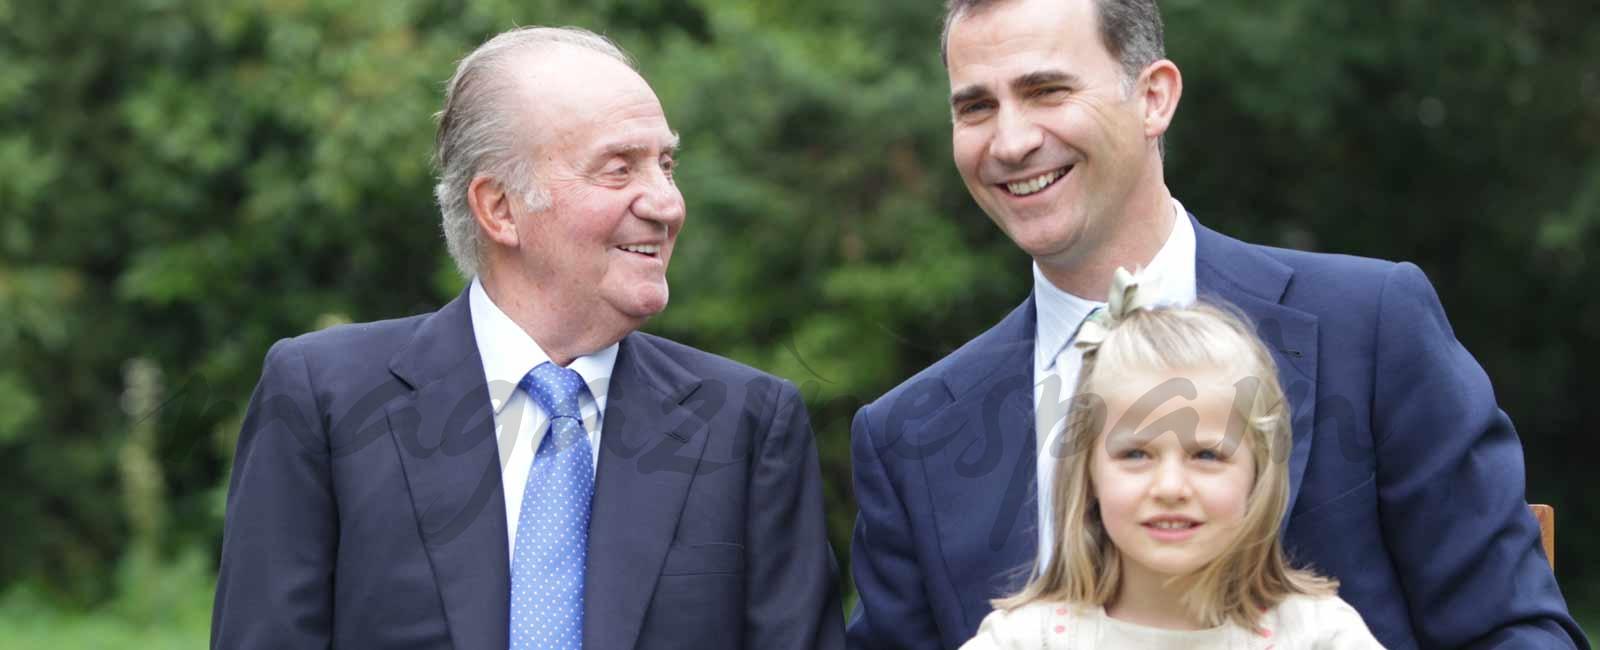 Las imágenes más entrañables del Rey Juan Carlos con motivo de su 80 cumpleaños